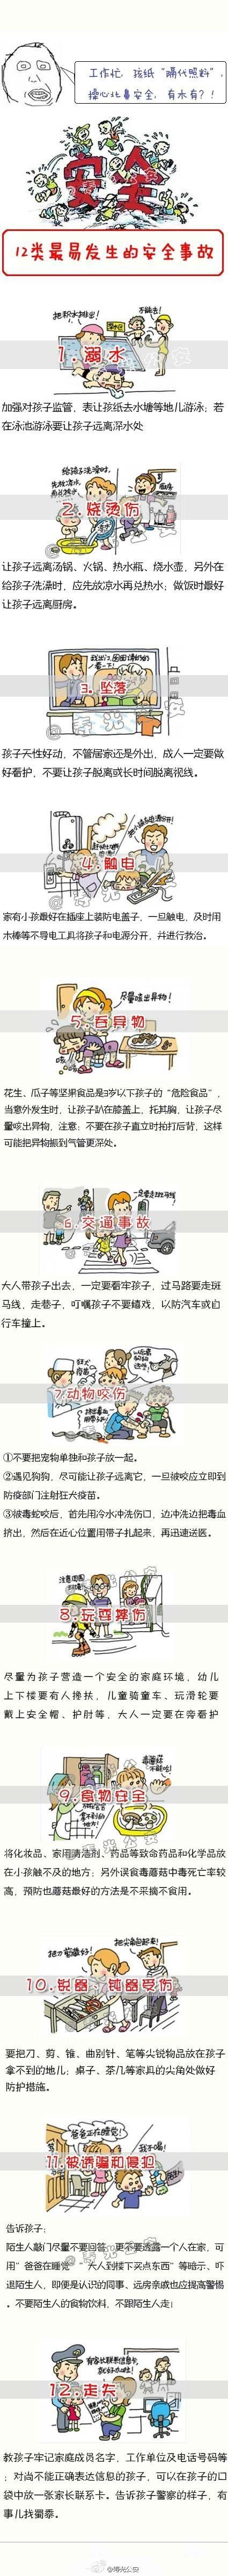 儿童最容易发生什么安全事故呢? - shengge - 我的博客